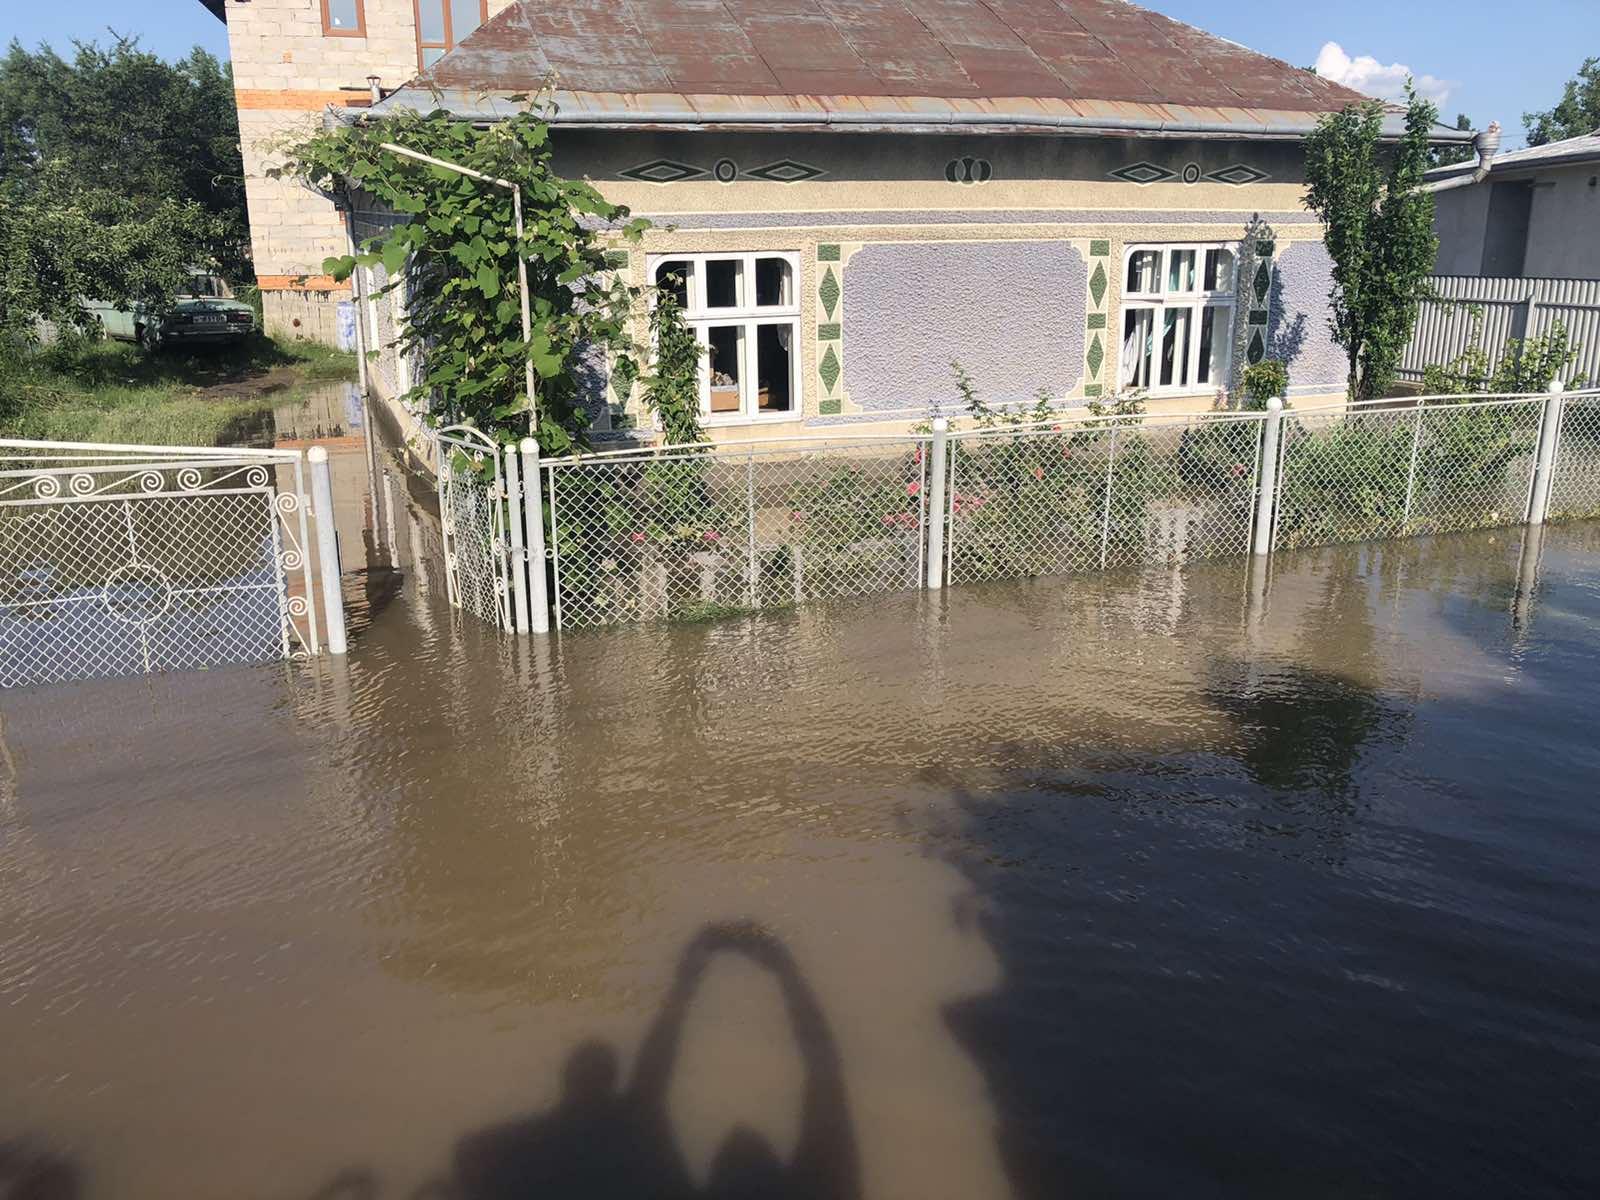 У Тисмениці родина не згідна з компенсацією після повені, влада каже, що вона справедлива (ФОТО)